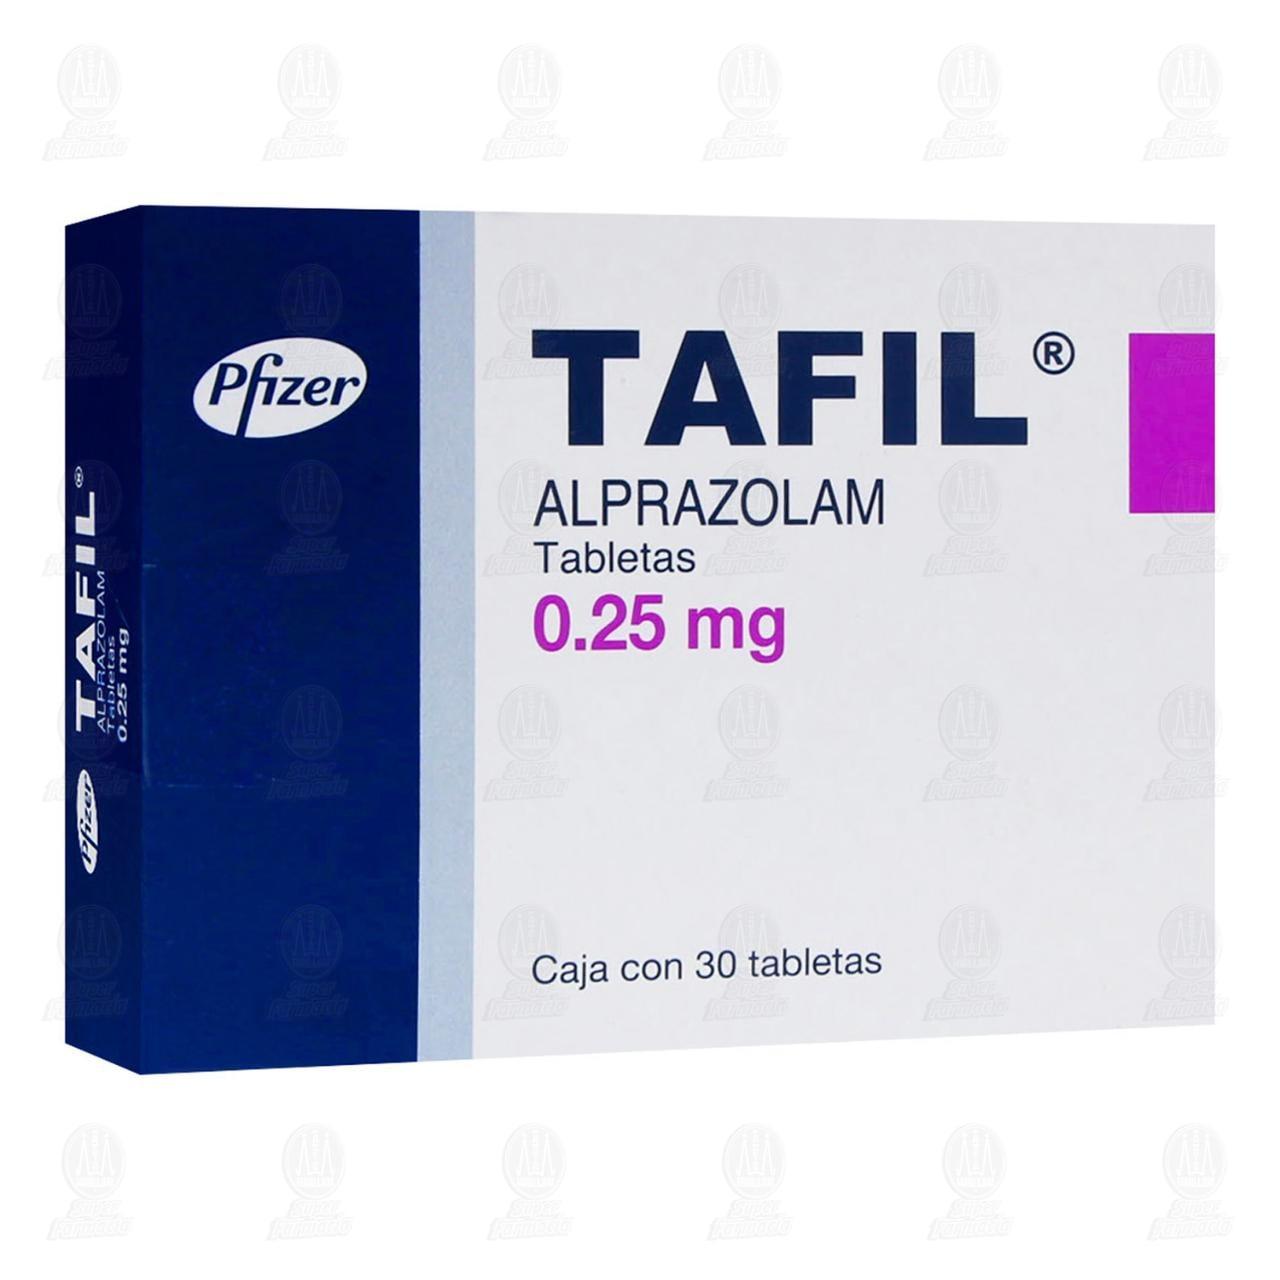 Comprar Tafil 0.25mg 30 Tabletas en Farmacias Guadalajara